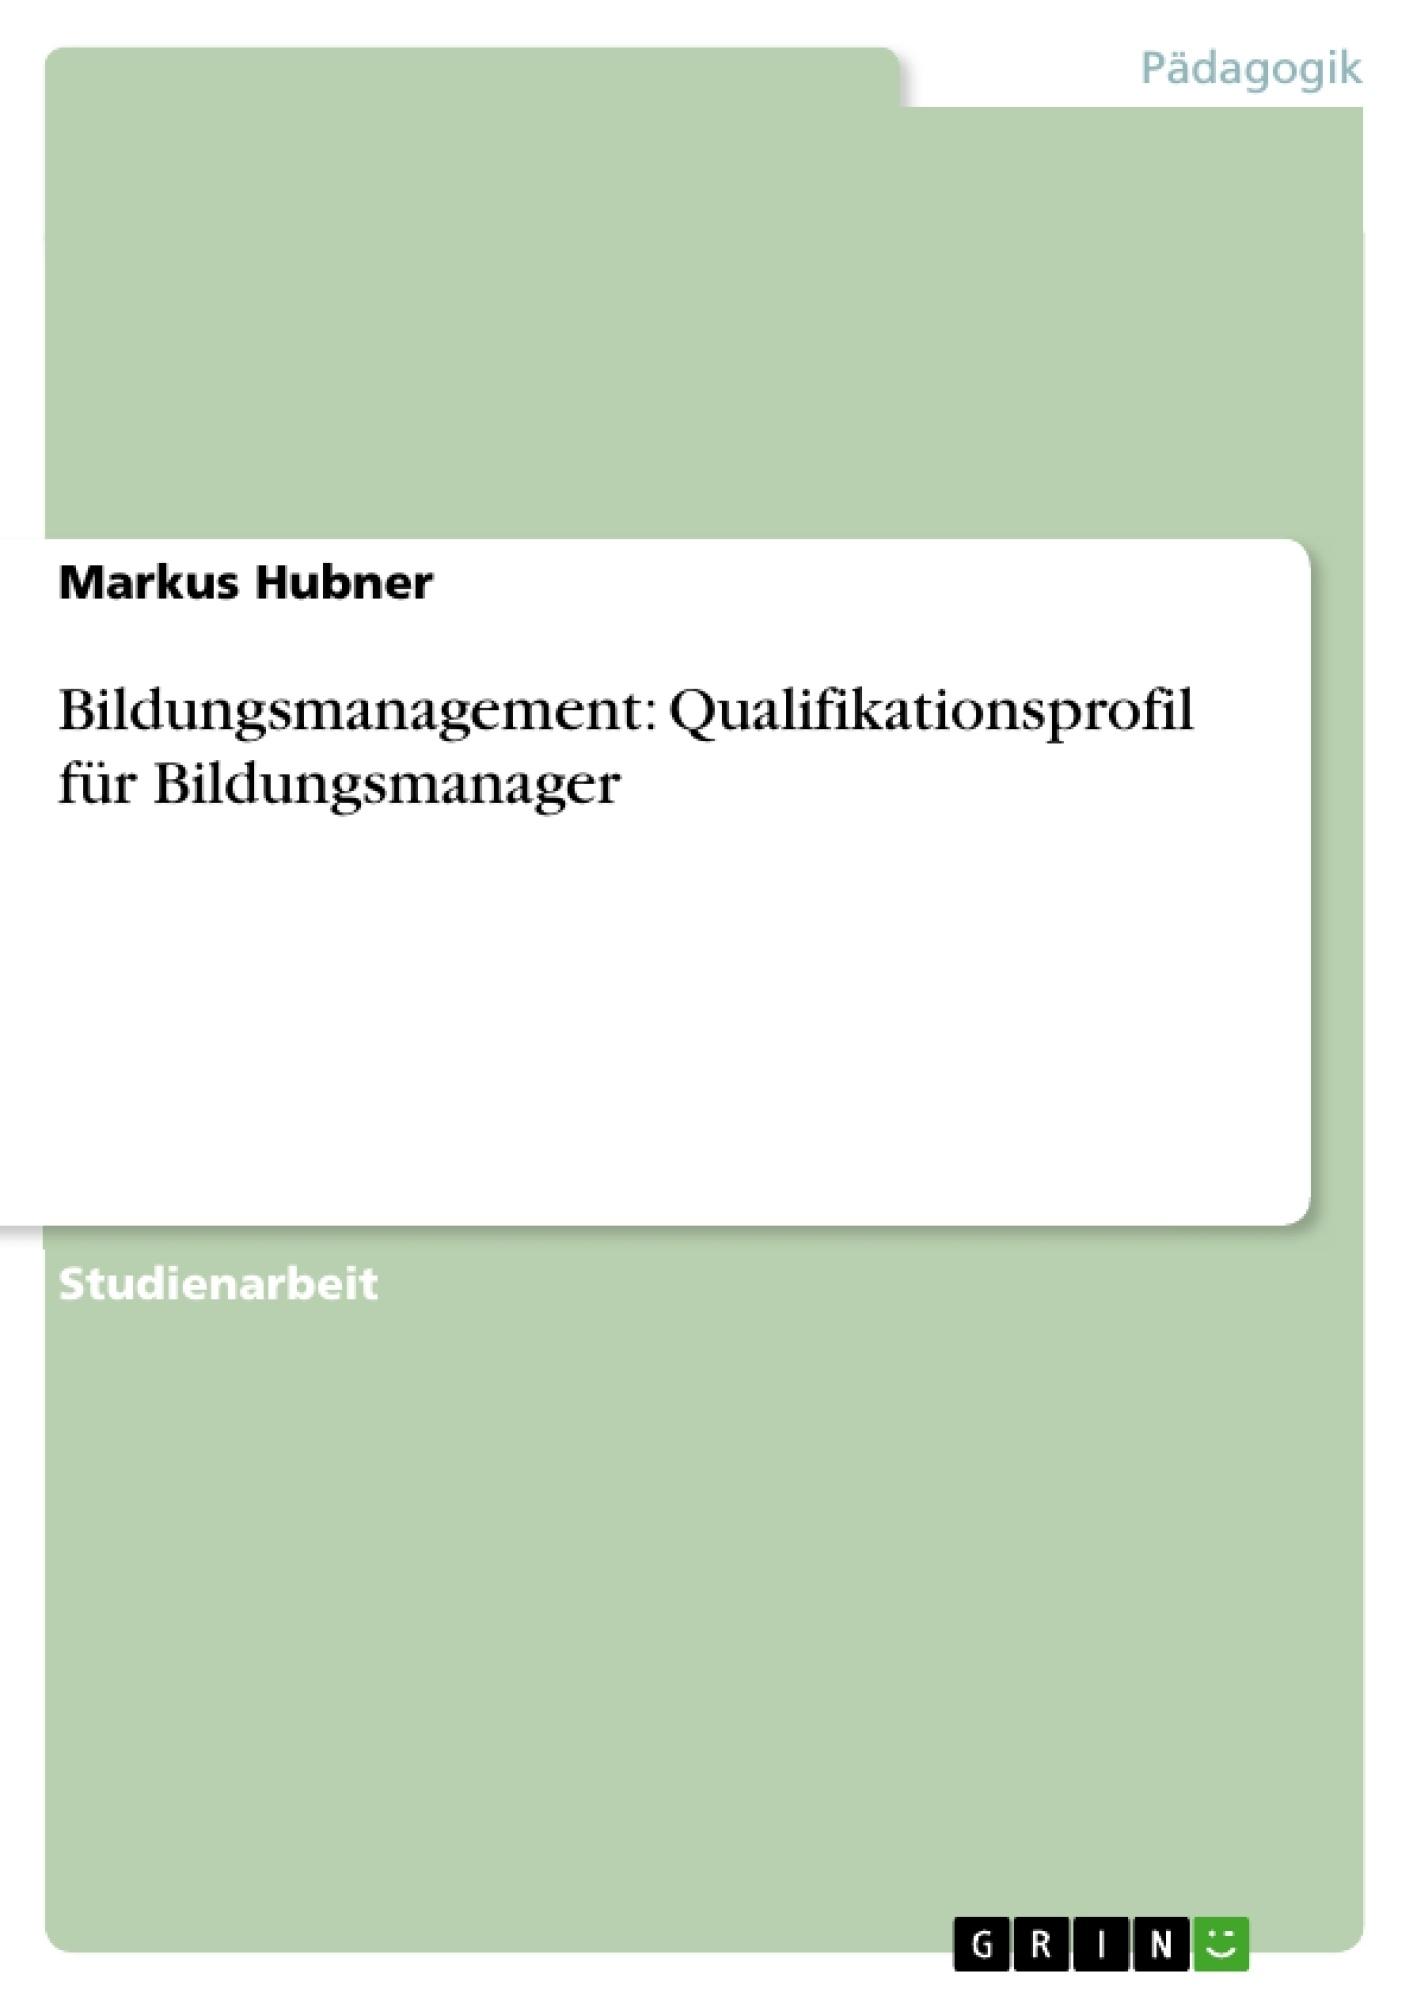 Titel: Bildungsmanagement: Qualifikationsprofil für Bildungsmanager